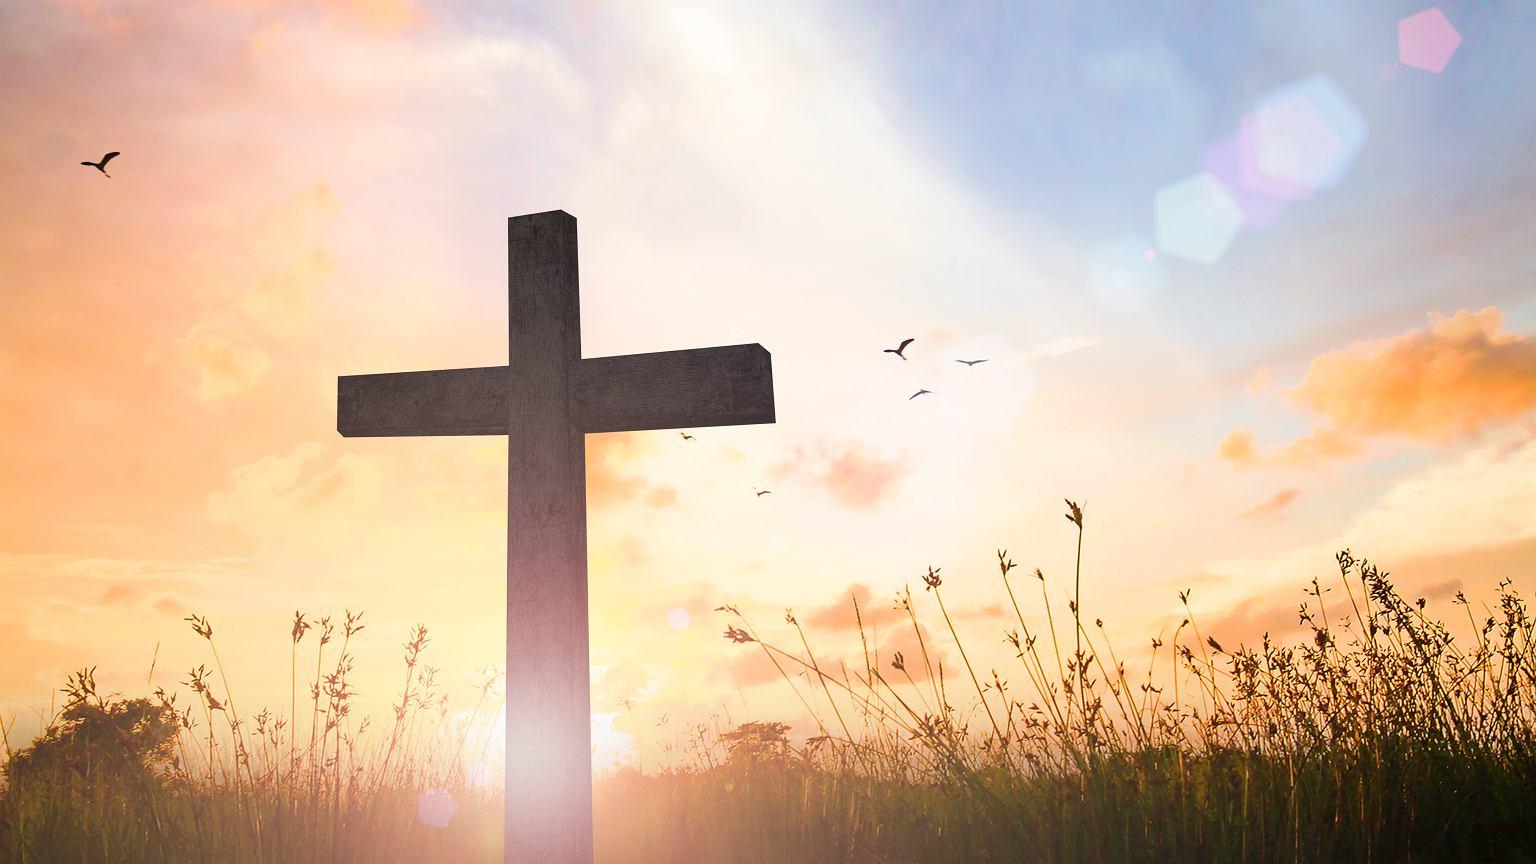 Msza święta online na żywo 25 października - gdzie obejrzeć?